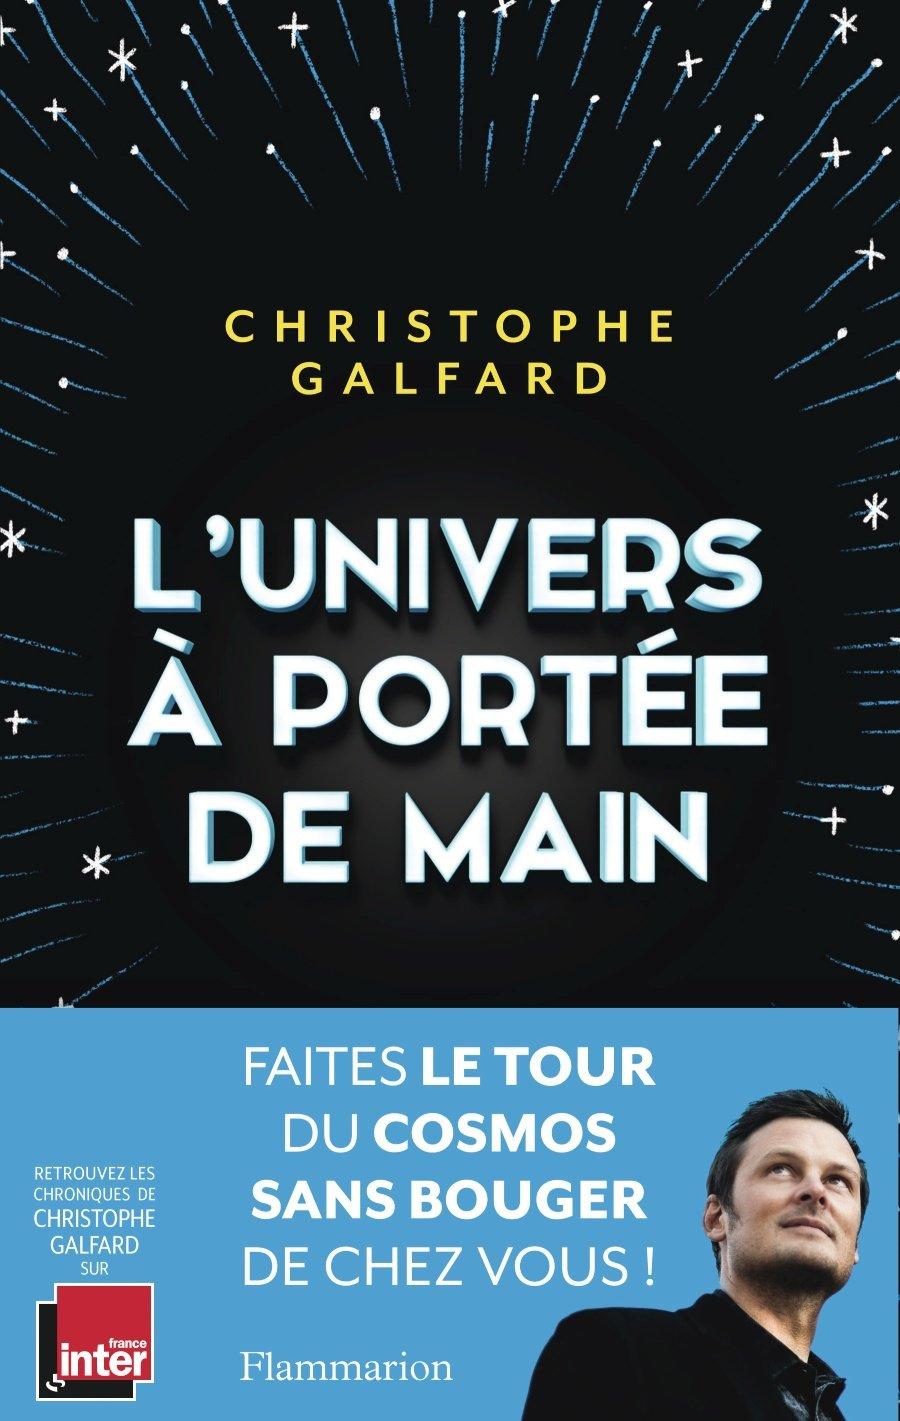 L'Univers à Portée de Main - Christophe Galfard. Crédit : Flammarion